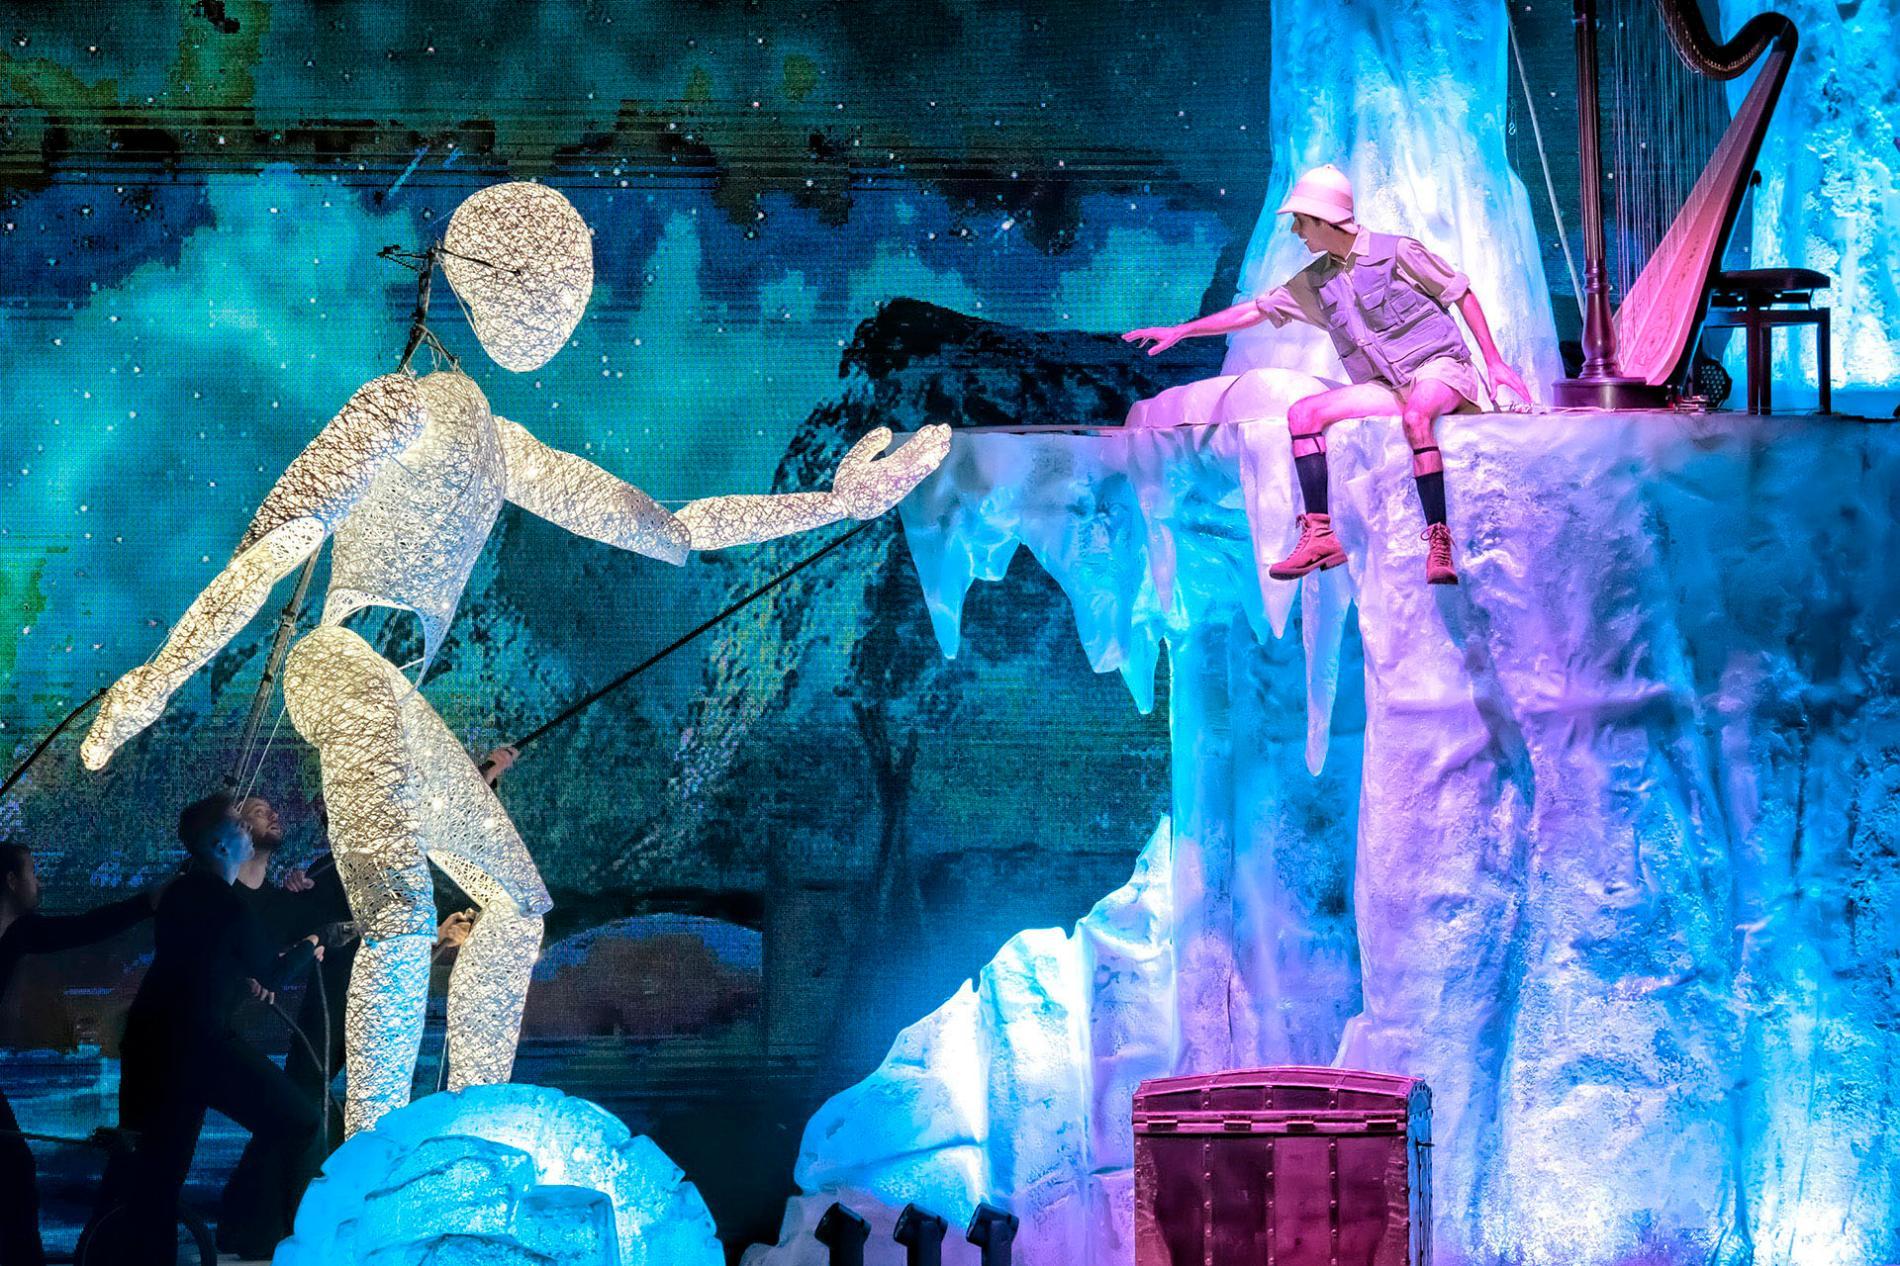 Circo de Hielo 2 cuenta la historia de un pueblo esquimal